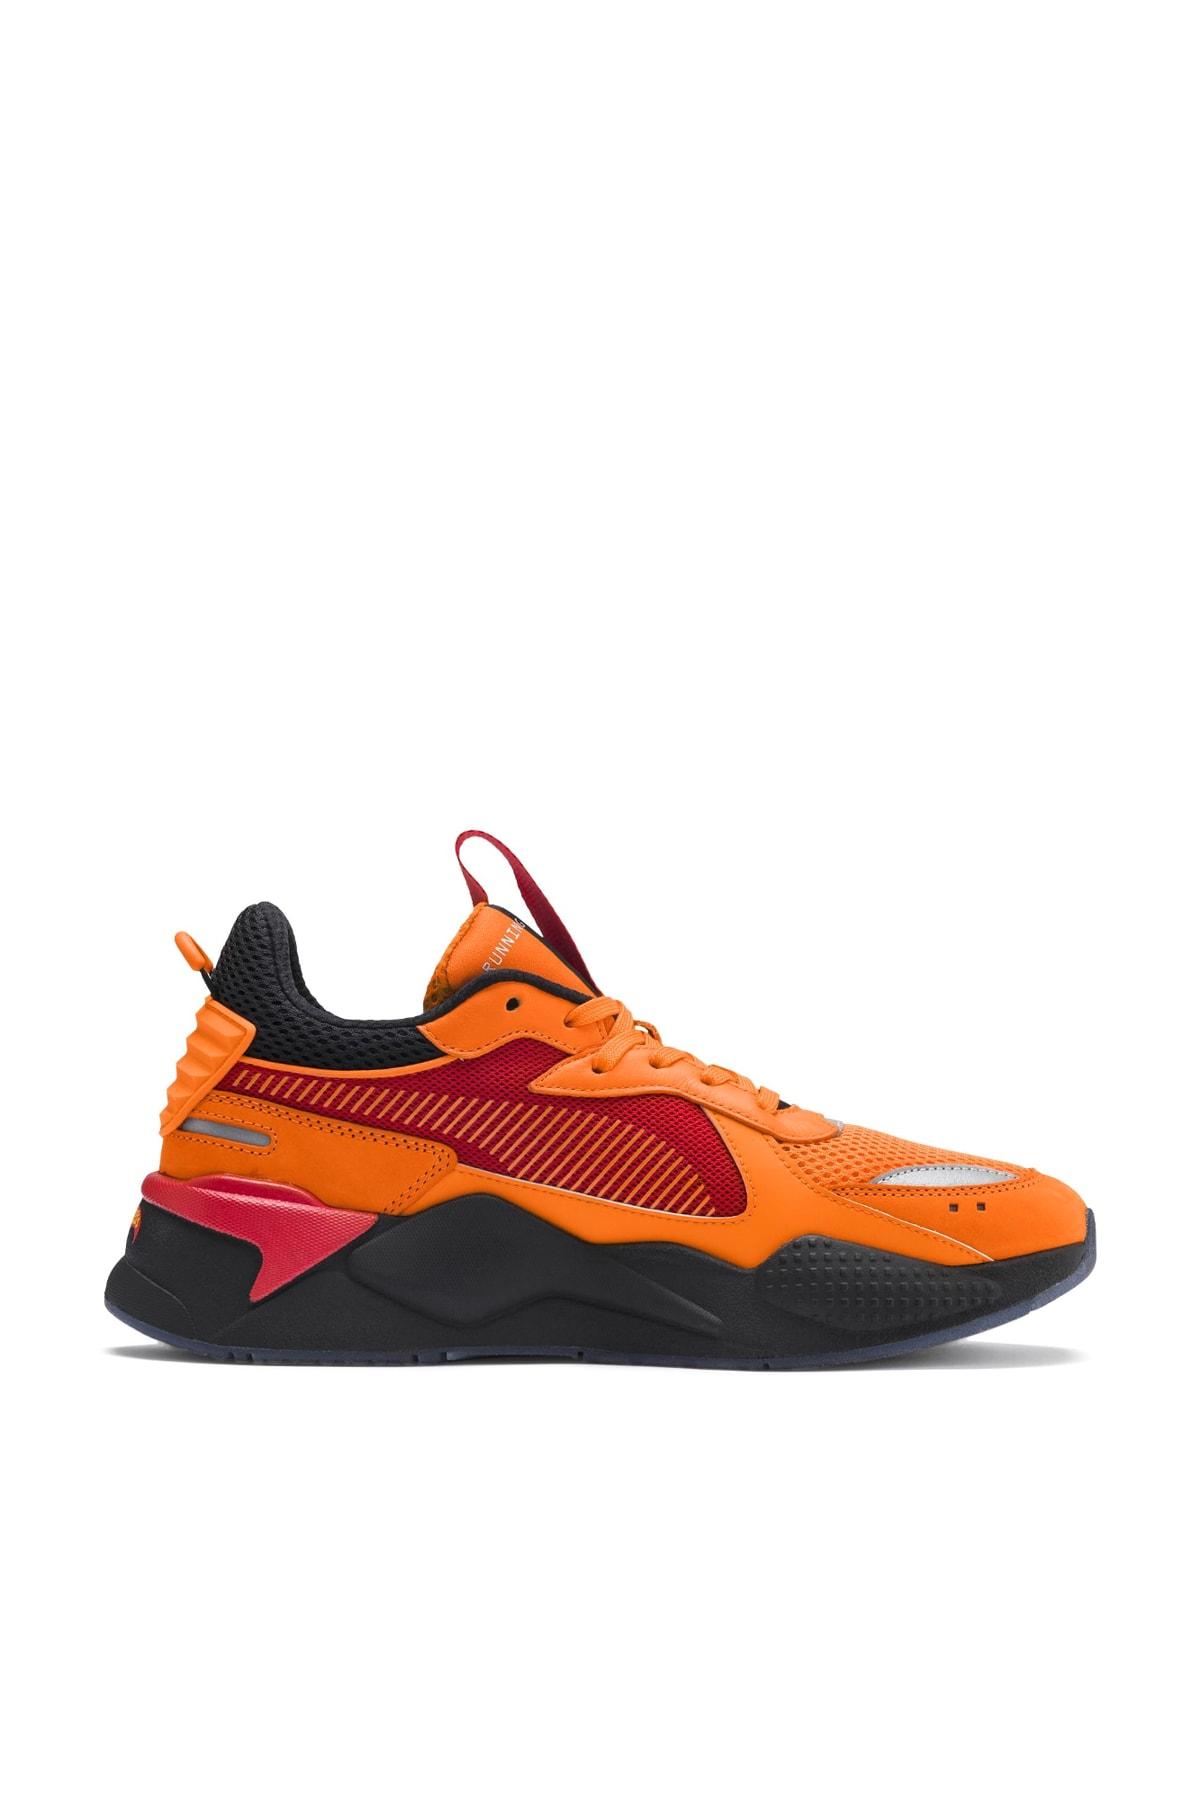 Puma Rs-X Toys Hotwheels Camaro Kadın Spor Ayakkabı ...